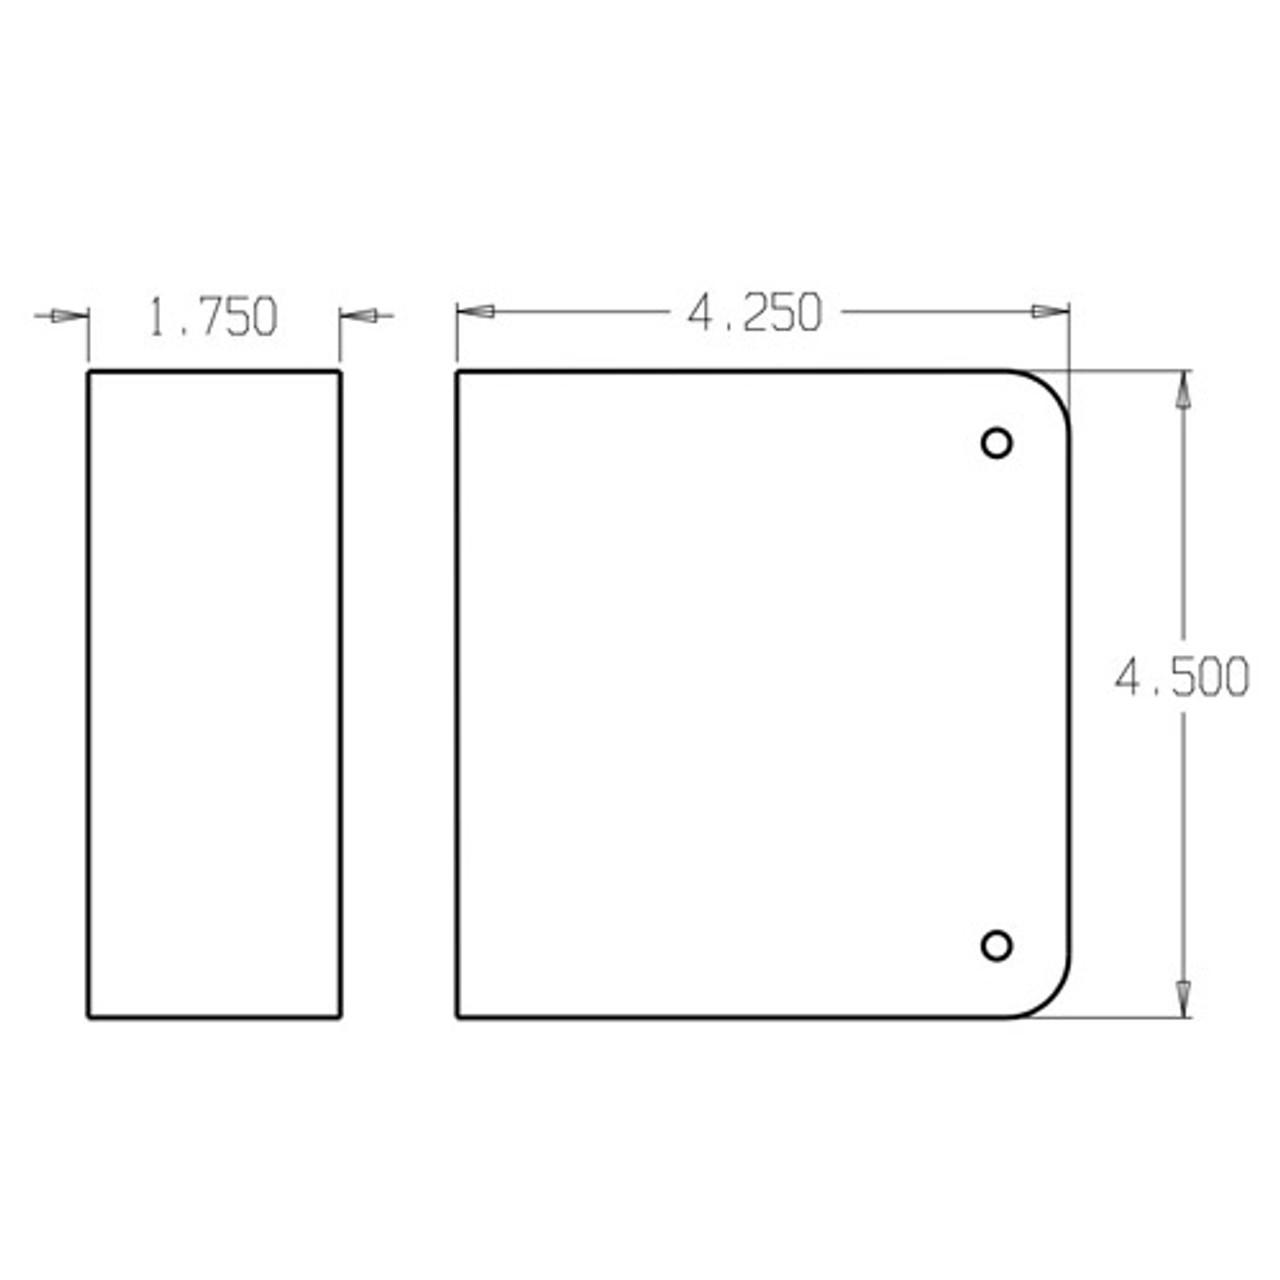 80-10B-CW Don Jo Blank Wrap-Around Plate with Trim Screws Dimensional View